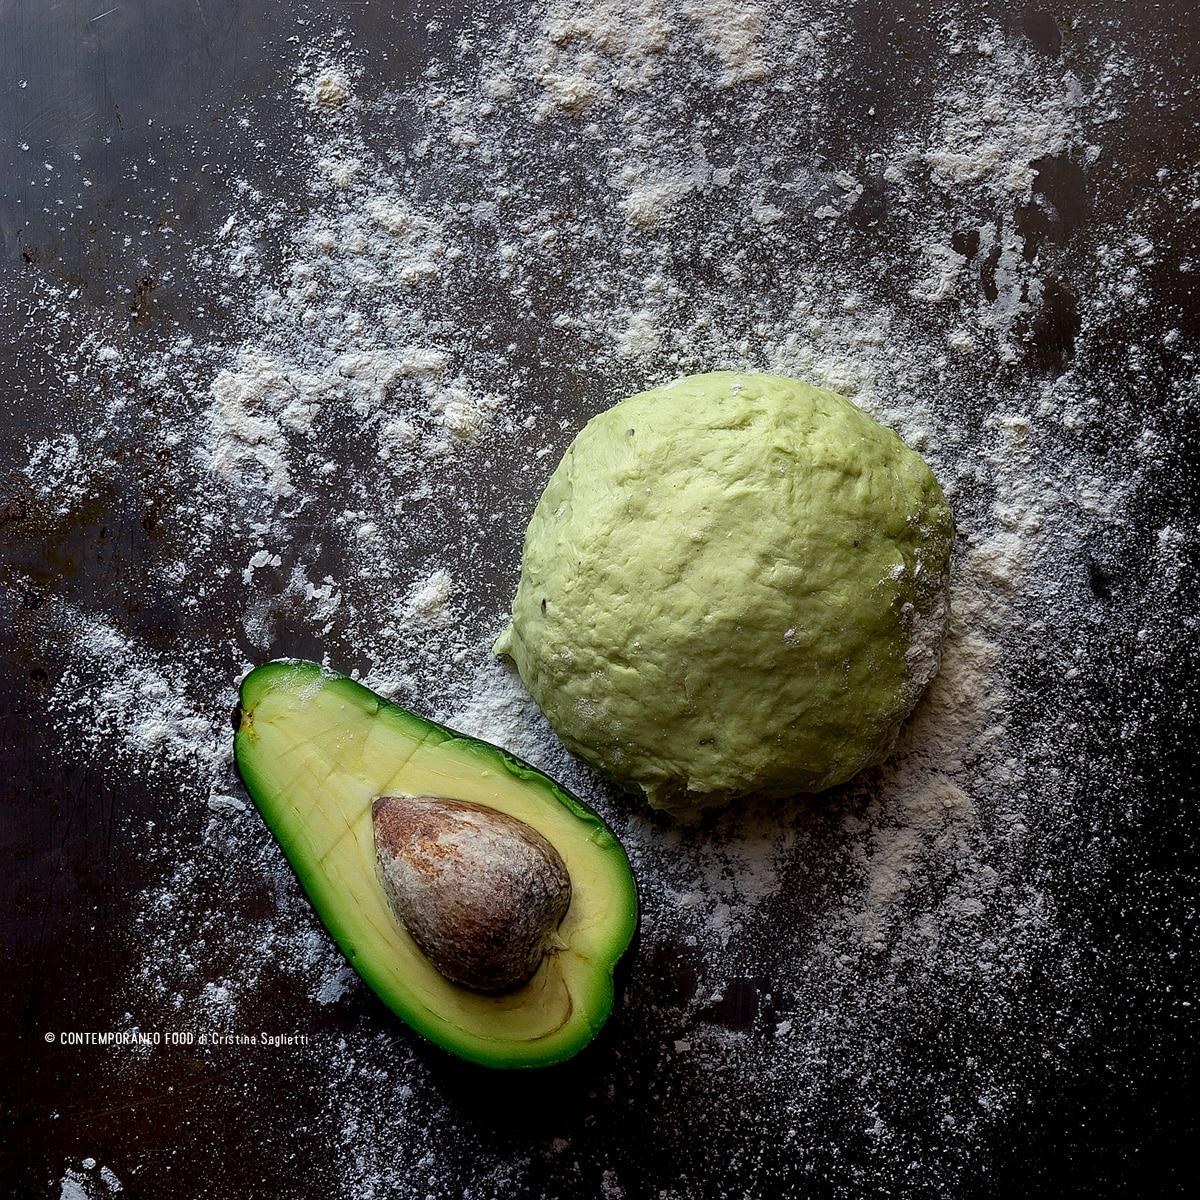 pasta-brisè-di-avocado-ricetta-healthy-food-ricetta-facile-contemporaneo-food